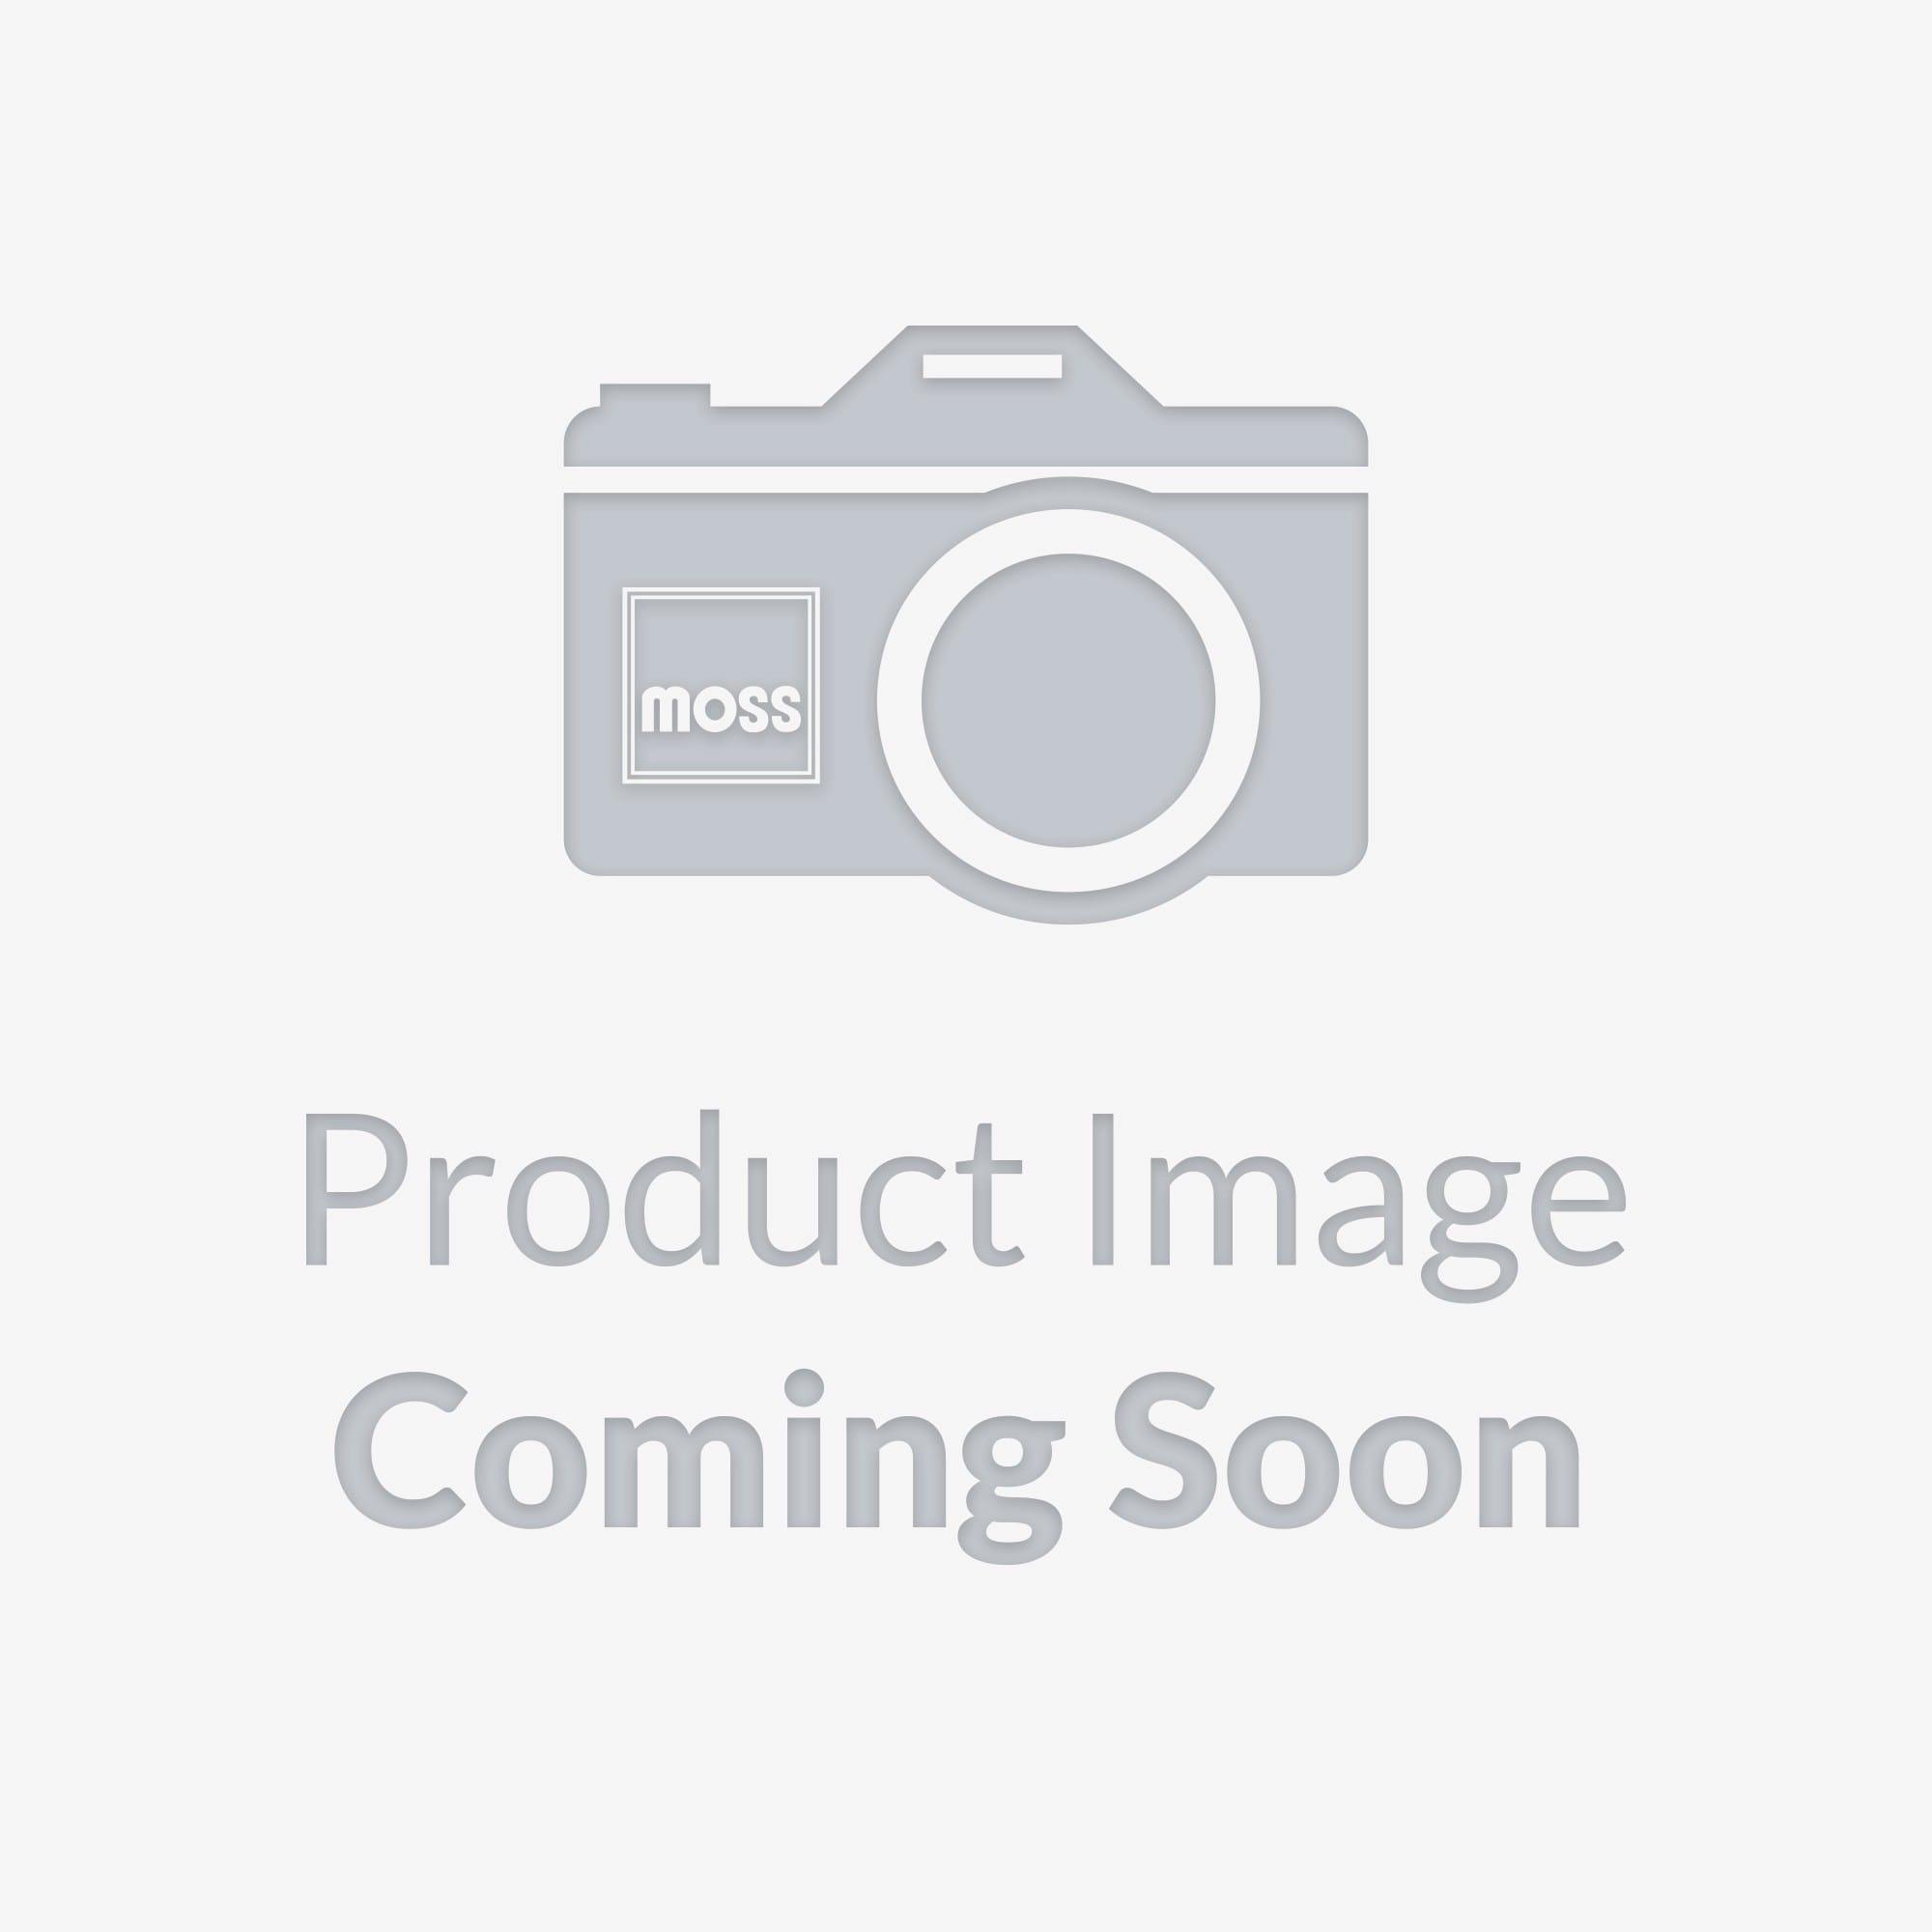 FUSE BOX, 4 fuse, includes cover